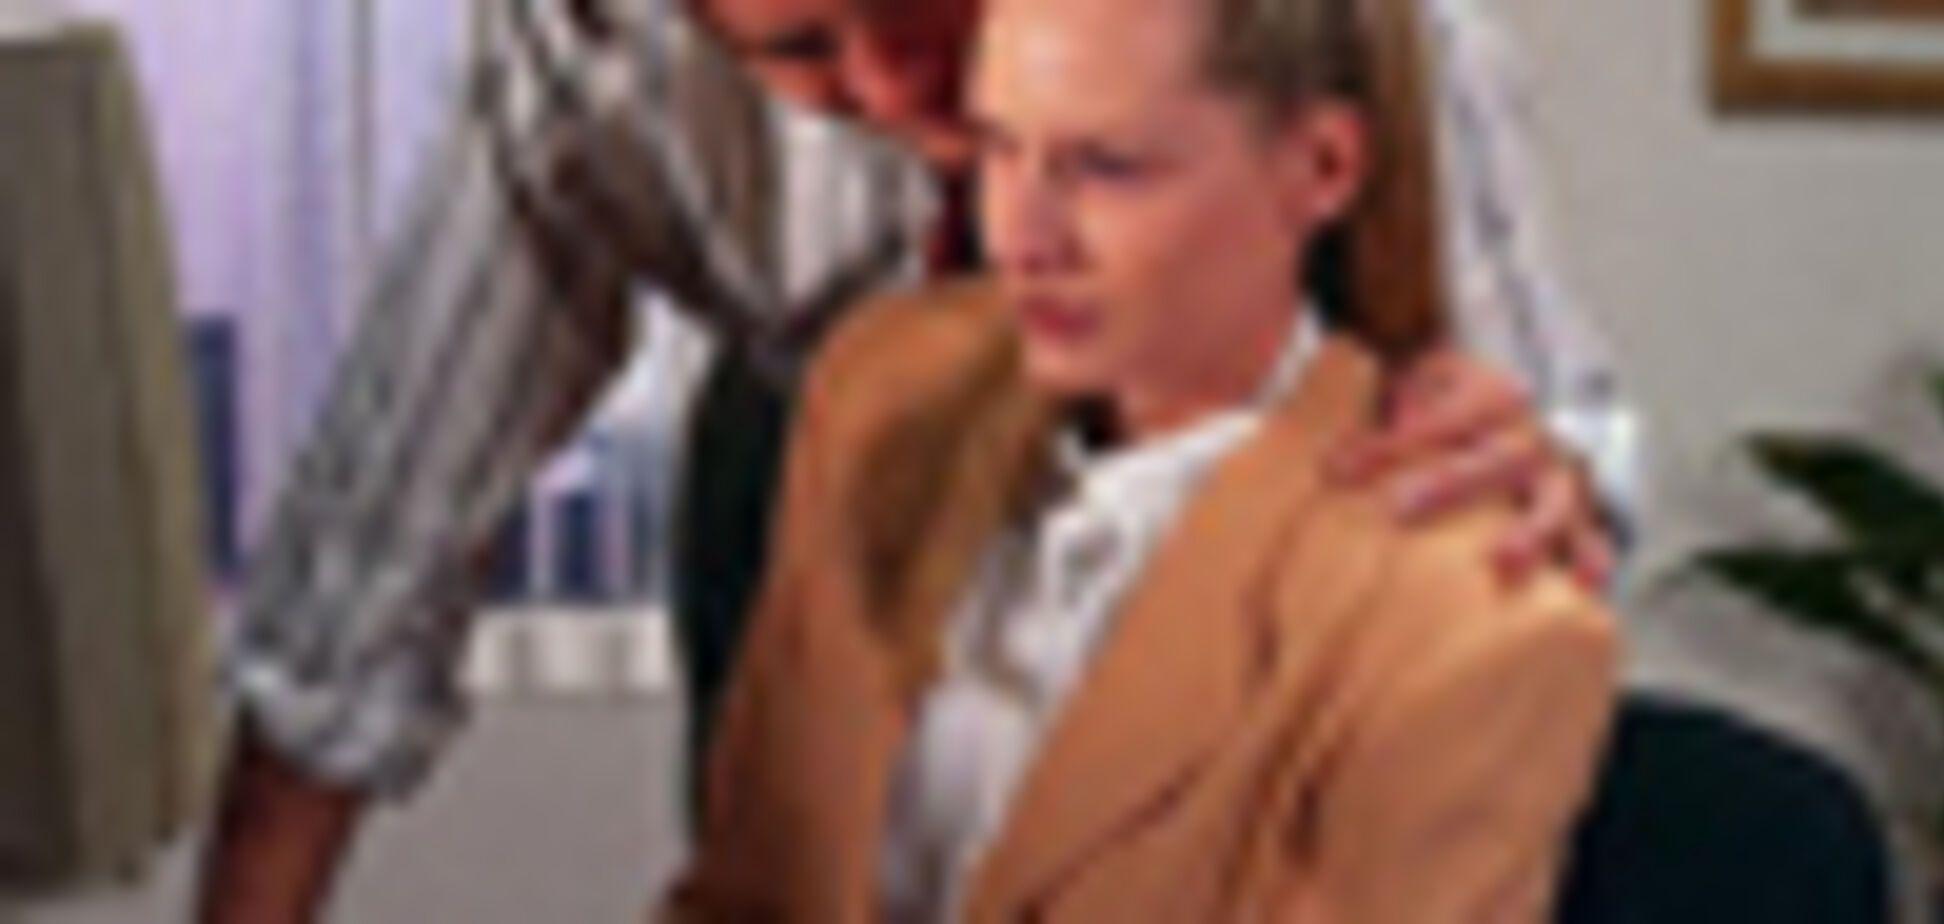 Сексуальные домогательства портят фигуру